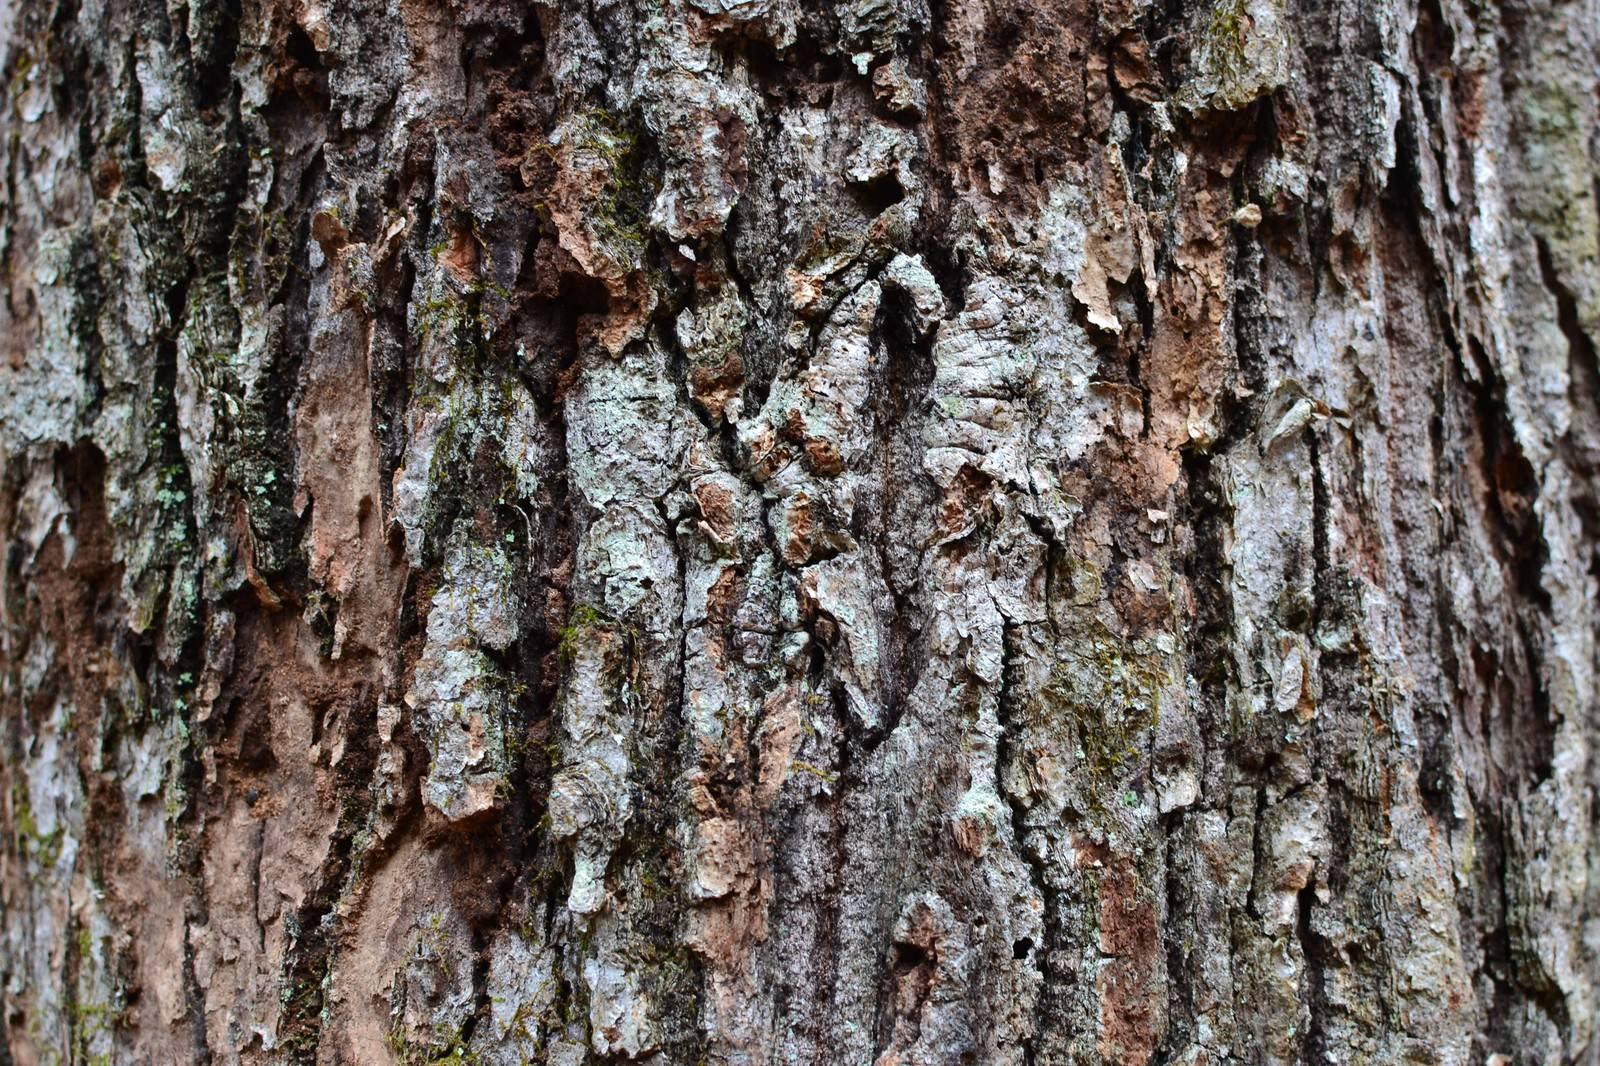 「カサカサな樹皮」の写真